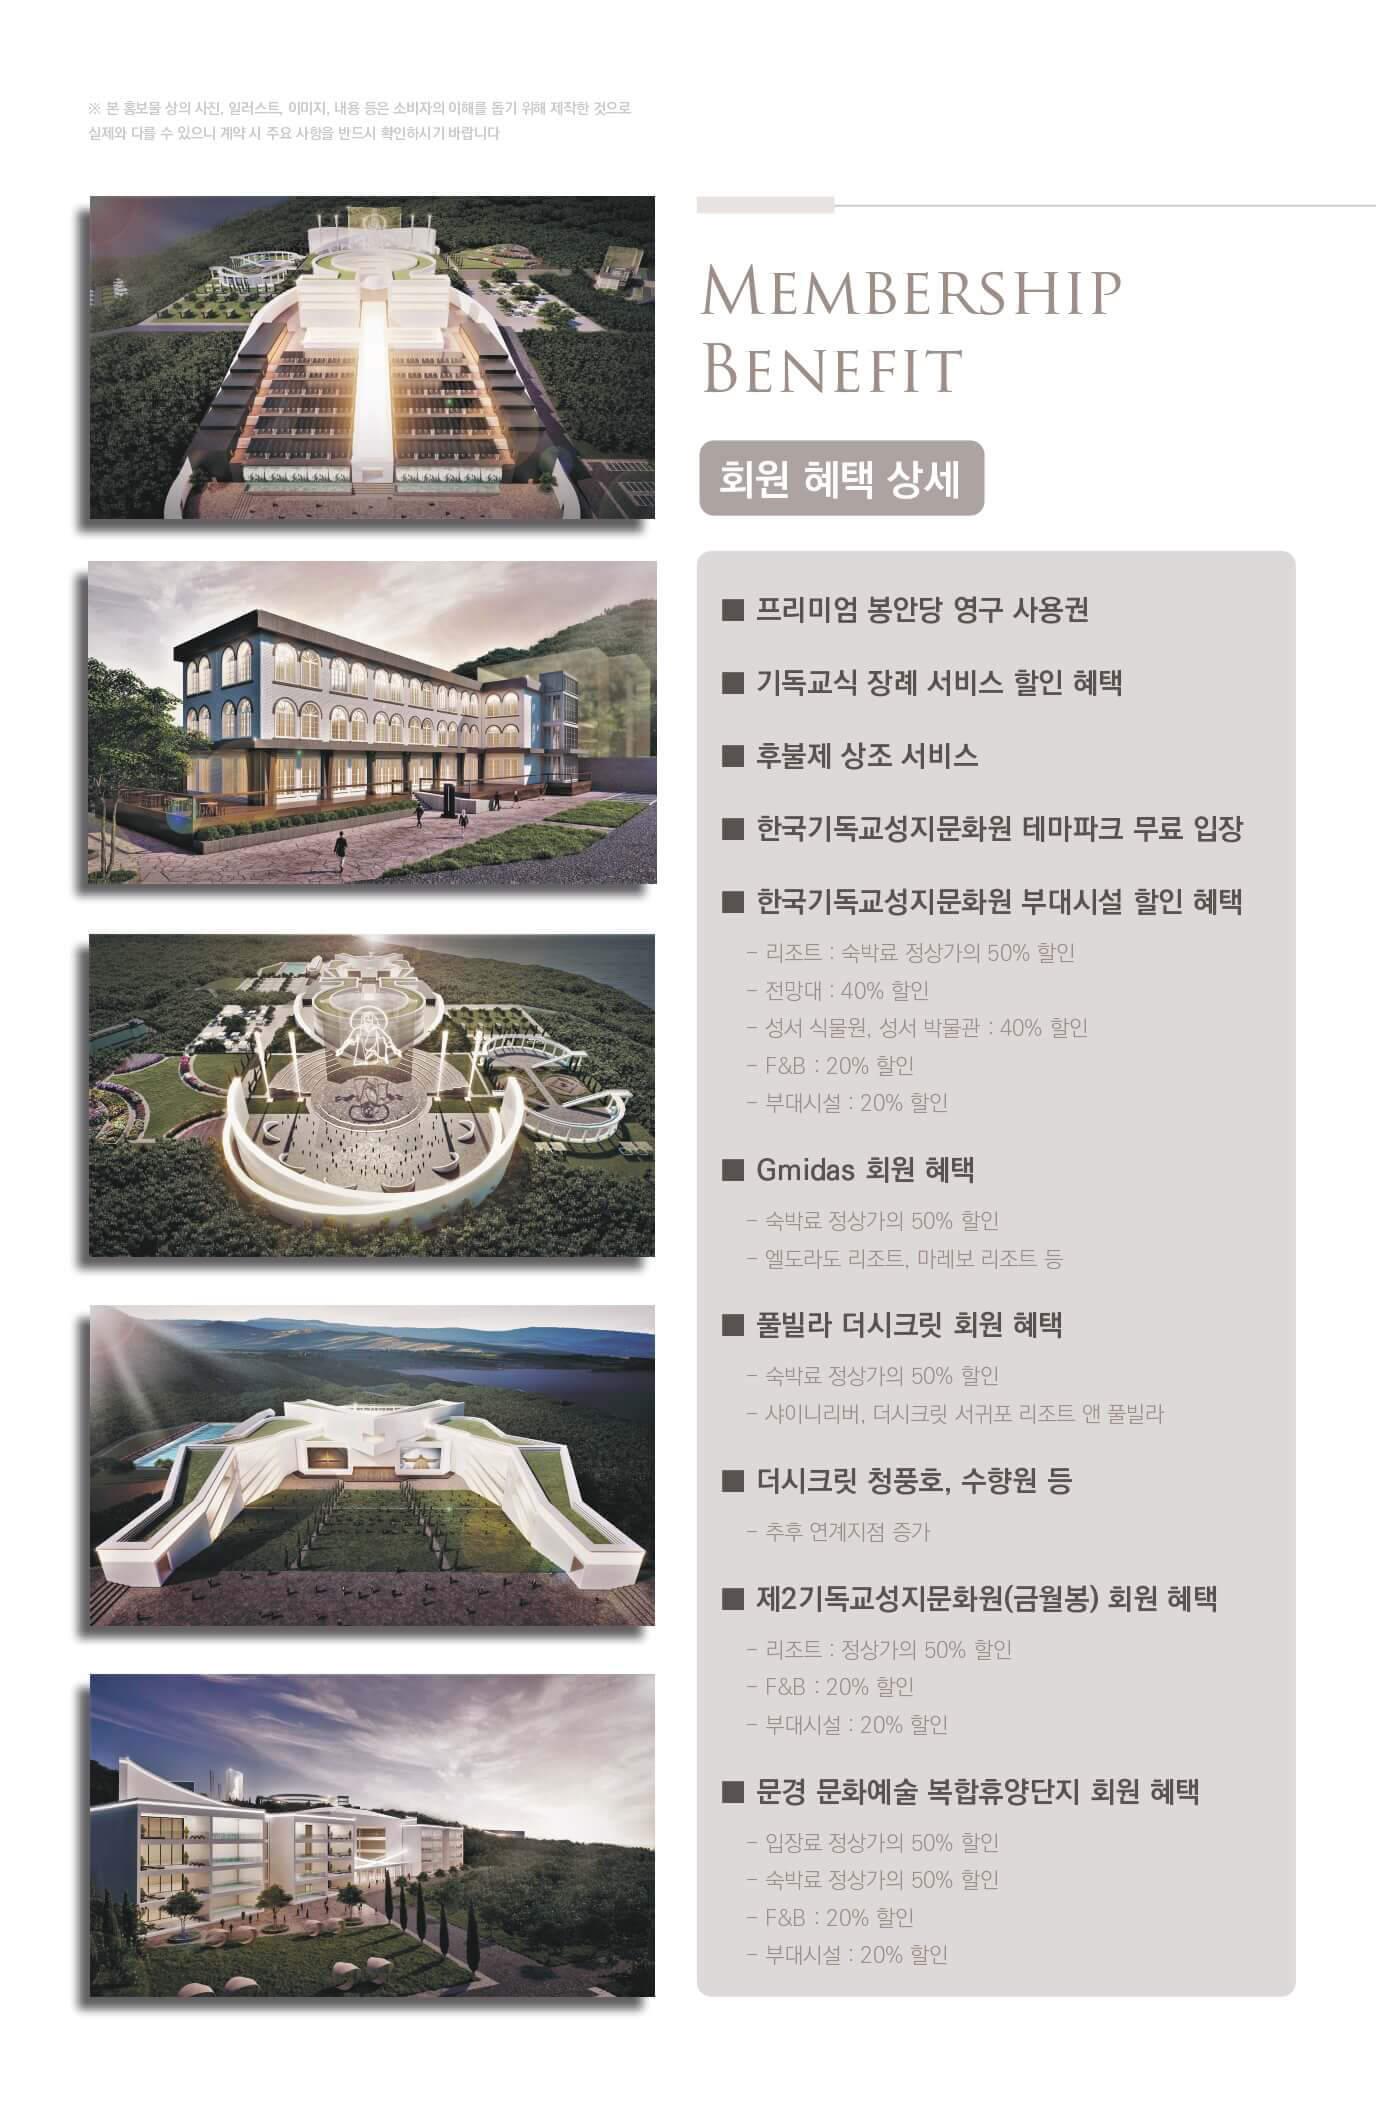 한국기독교성지문화원 멤버쉽혜택 이미지(6)